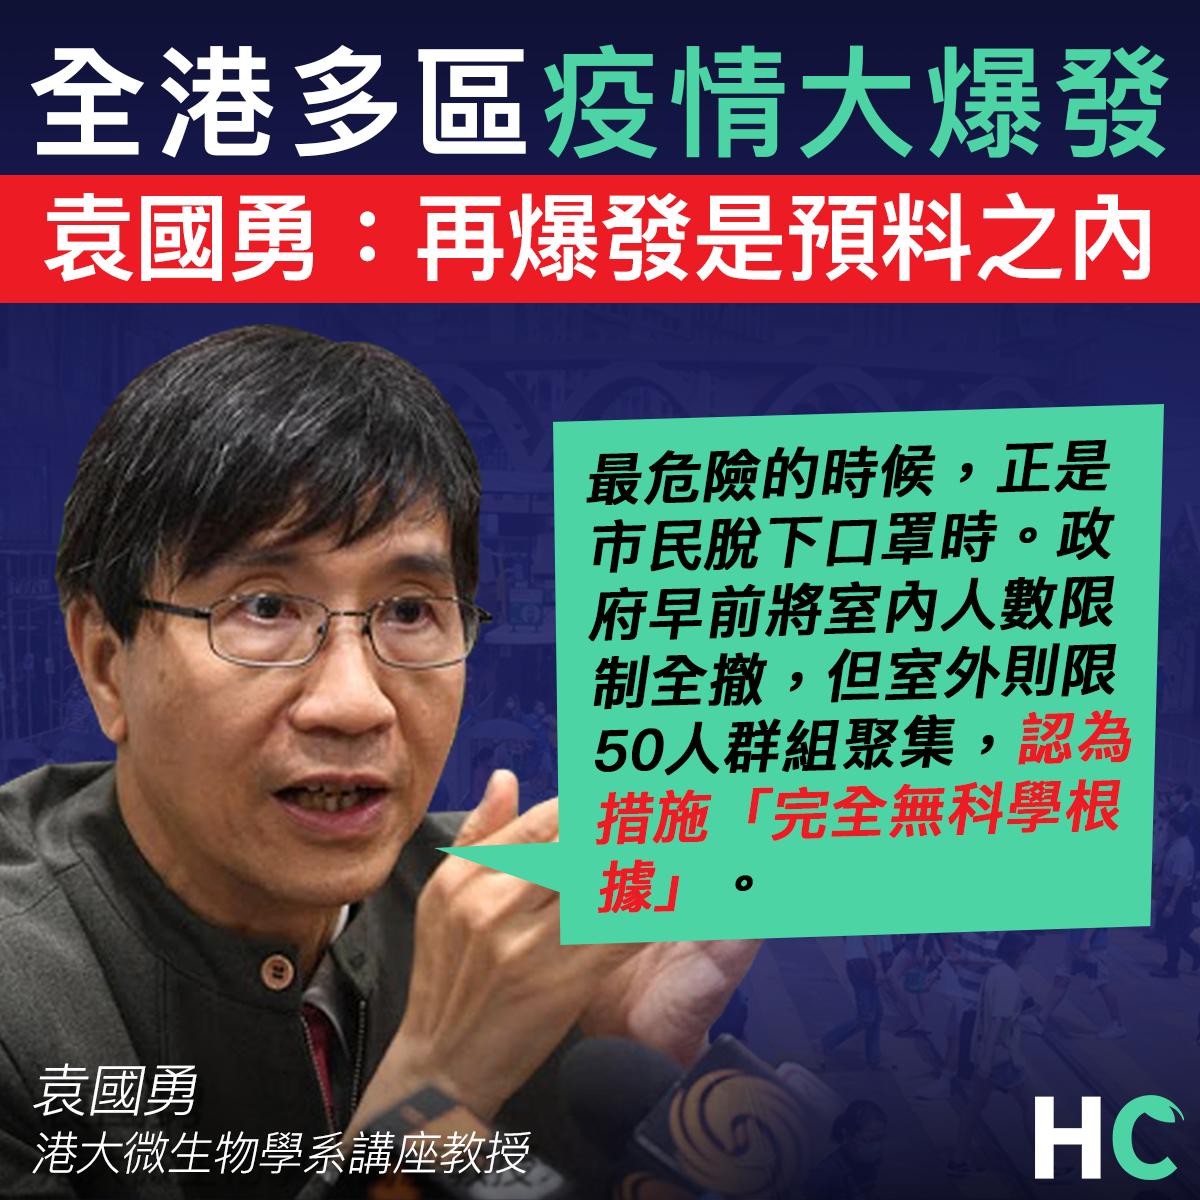 【#新型肺炎】全港多區疫情大爆發 袁國勇:再爆發是預料之內